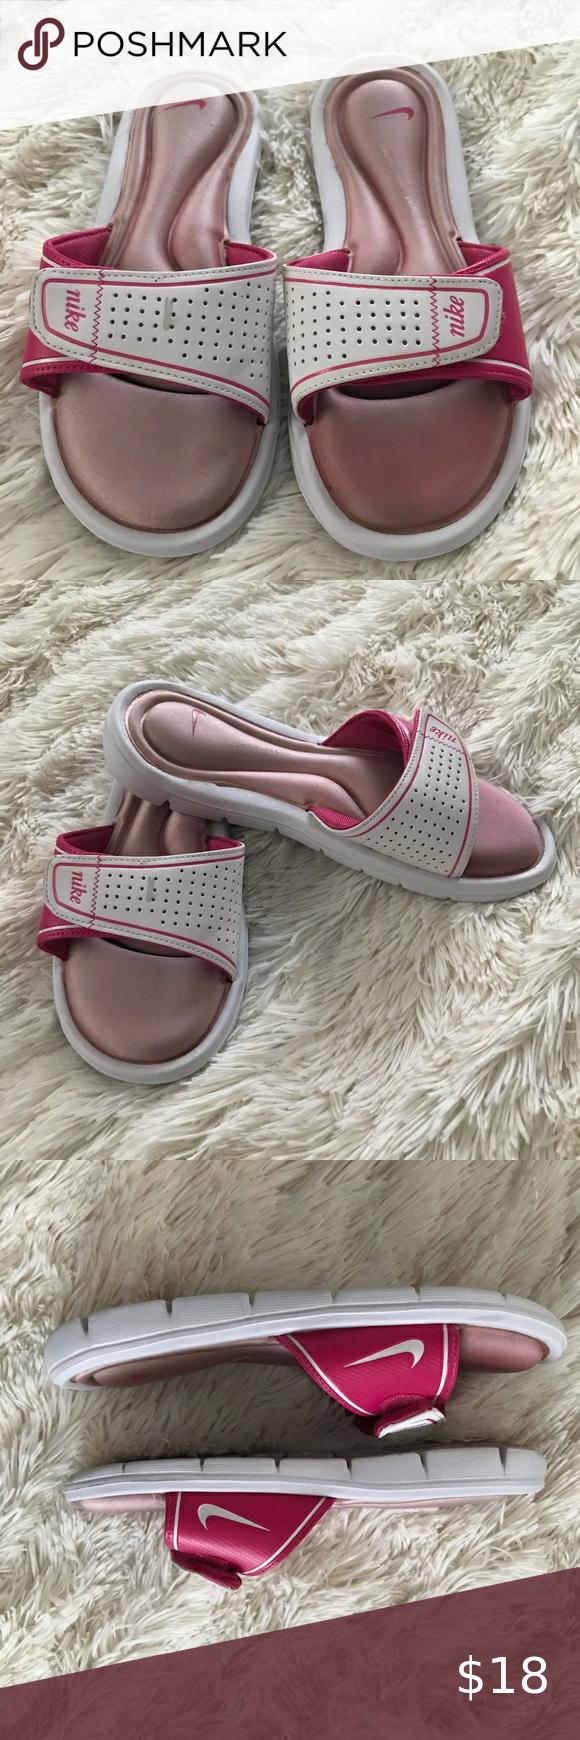 Nike sandals, Women's shoes sandals